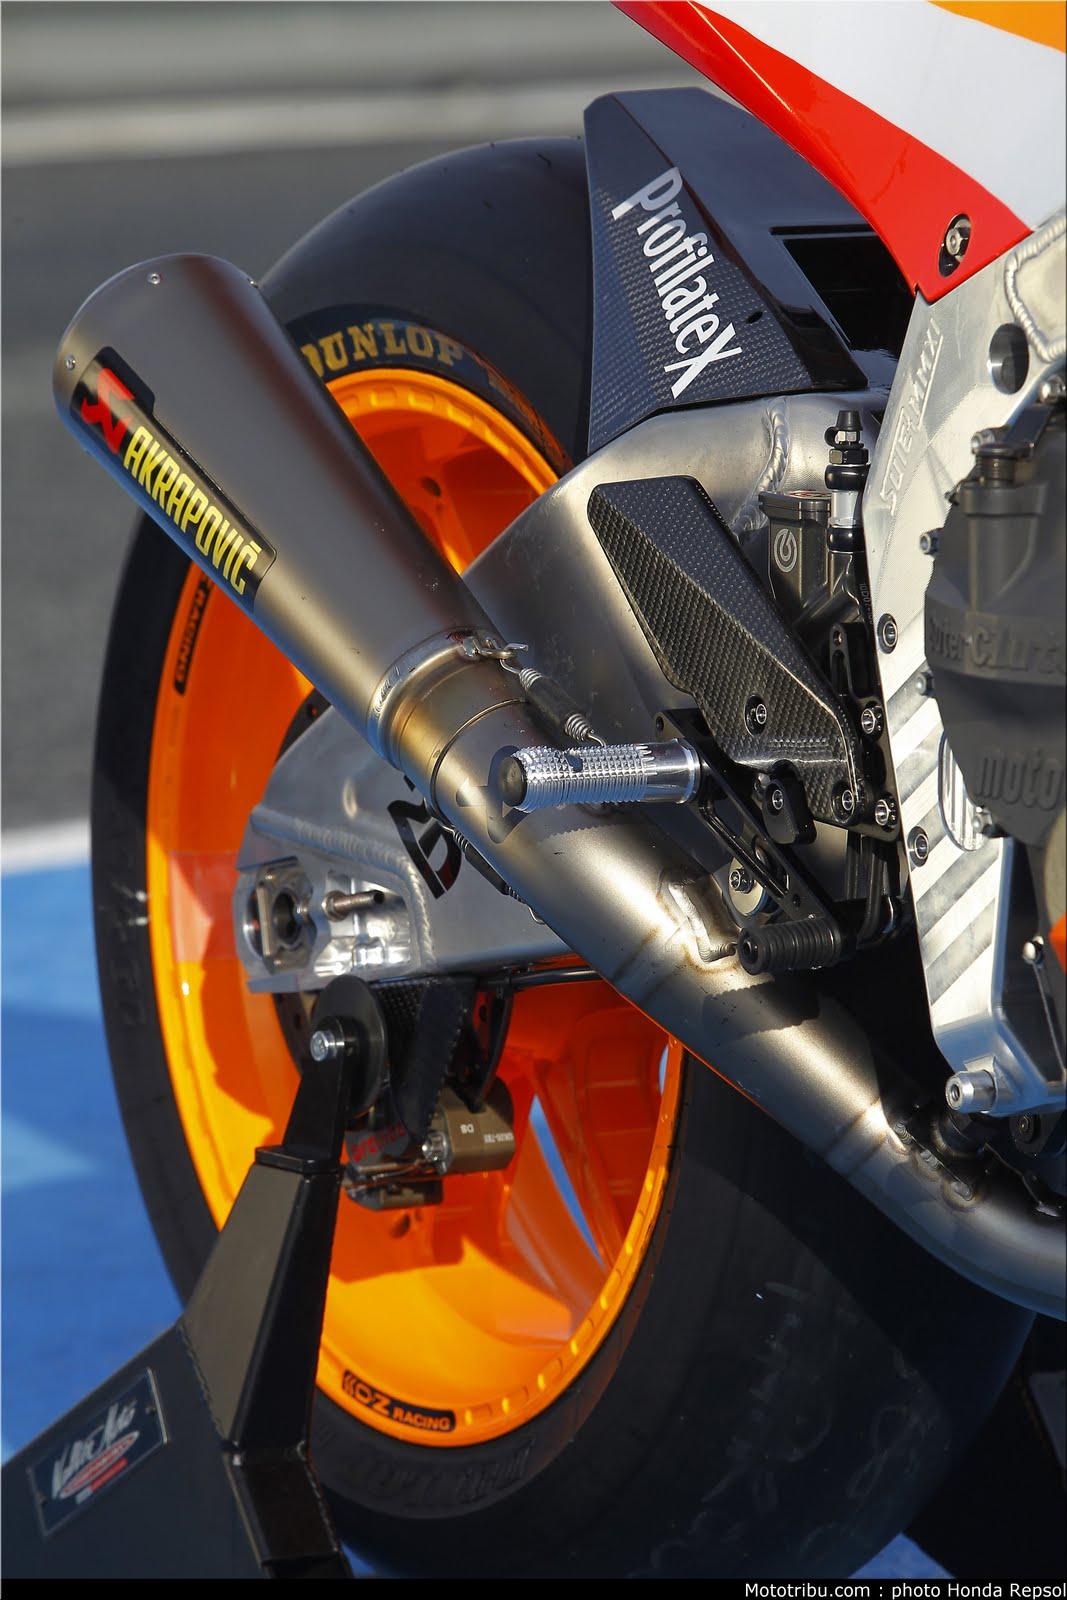 Machines de courses ( Race bikes ) - Page 6 Suter%2BMMX%2BMarquez%2B2011%2B07